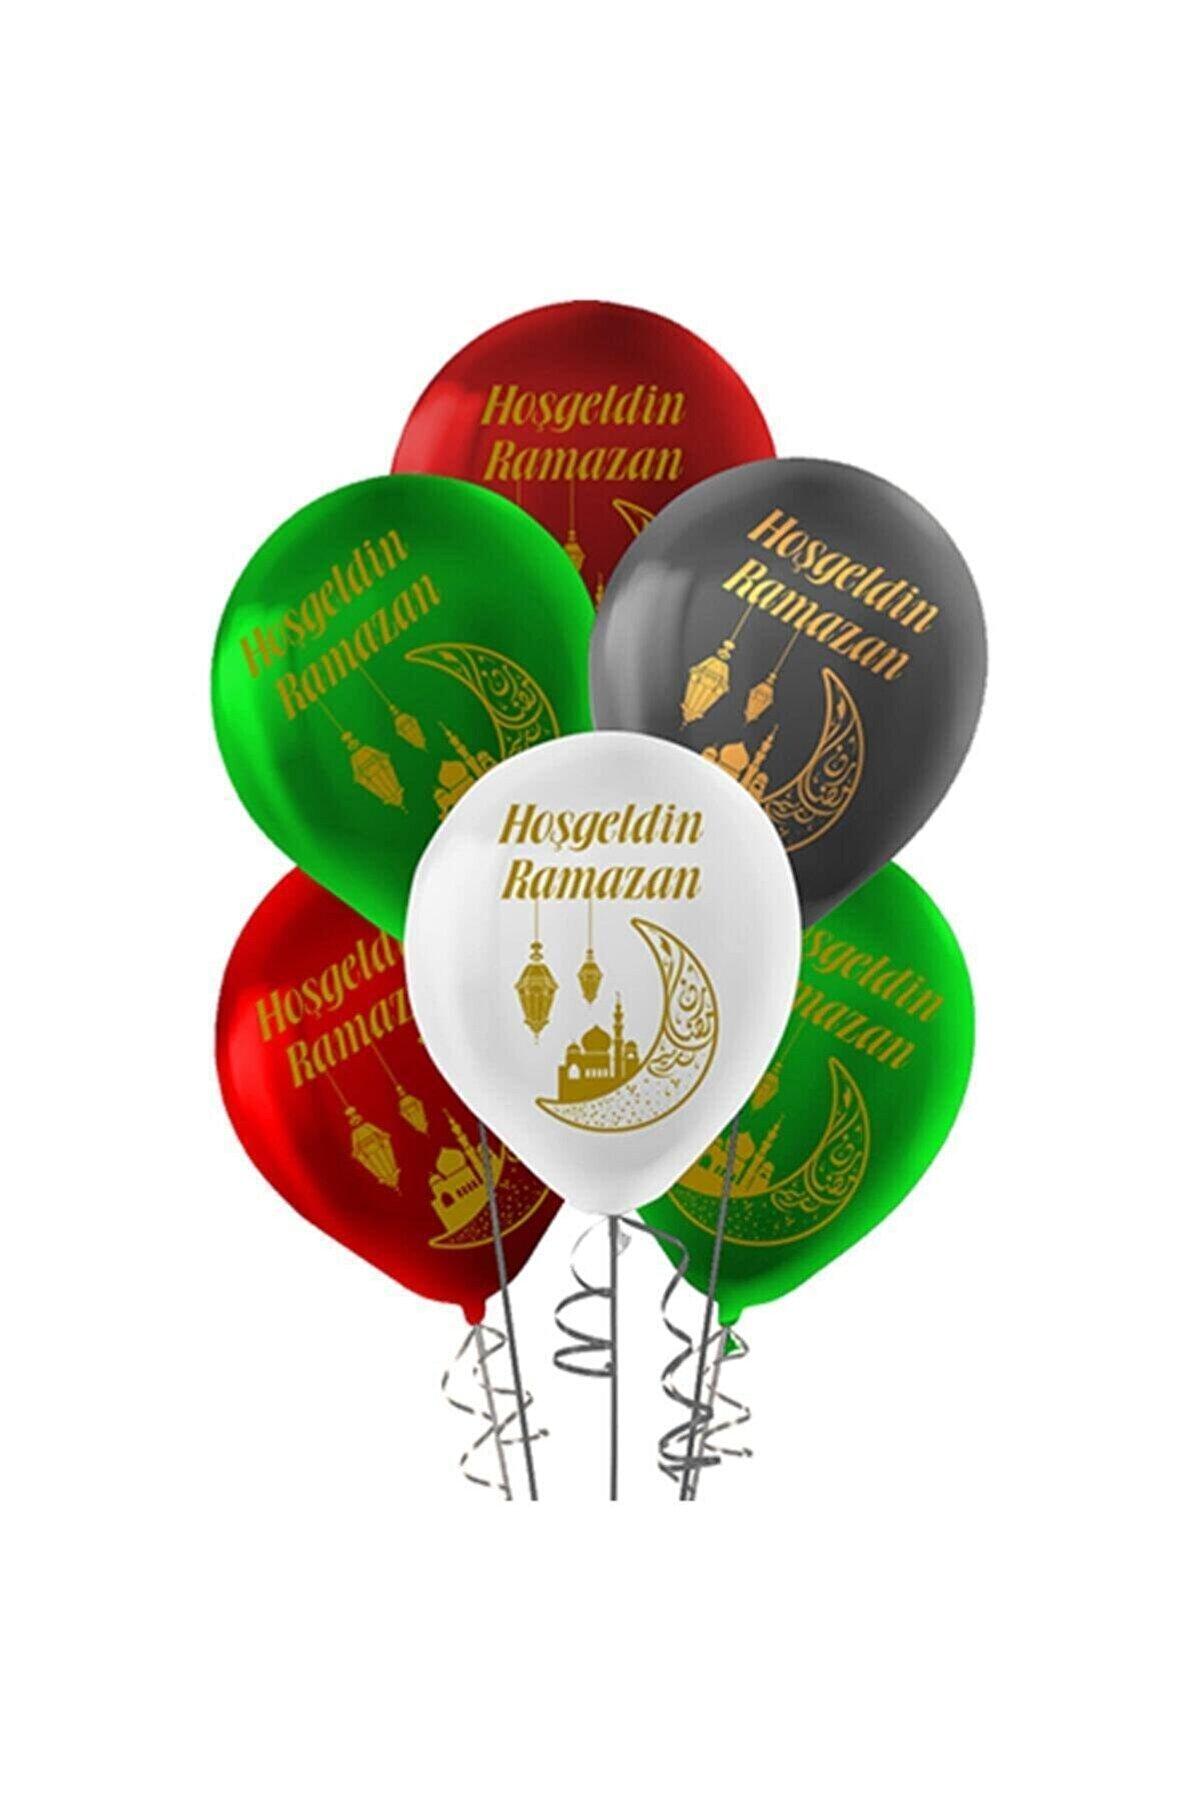 Huzur Party Store Hoşgeldin Ramazan Baskılı 10 Adet Balon Dini Islami Bayram Süsü Beyaz Yeşil Siyah Bordo Renkli